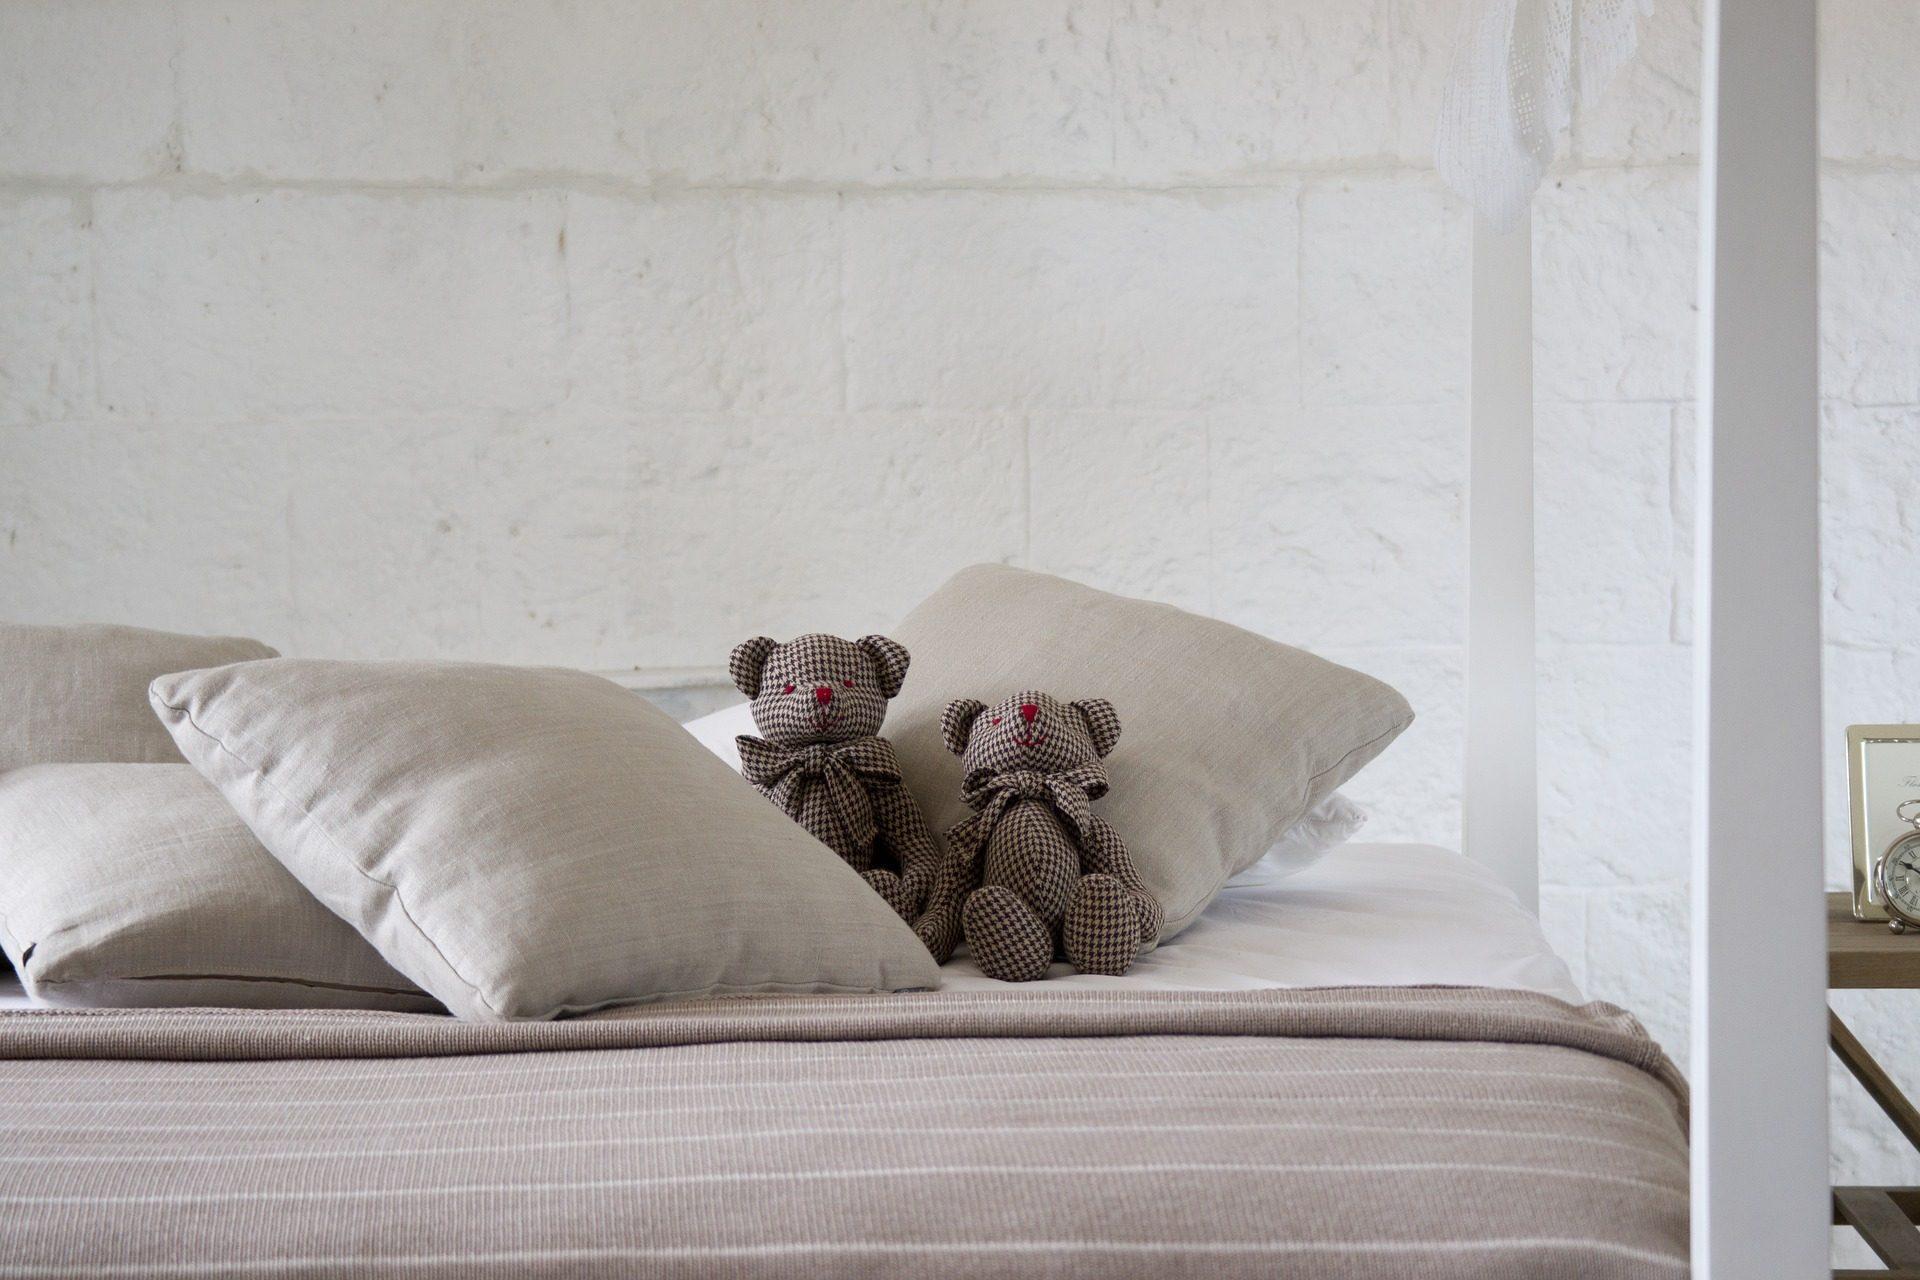 letto, Teddy bears, Giocattoli di peluche, figure, cuscini, camera - Sfondi HD - Professor-falken.com